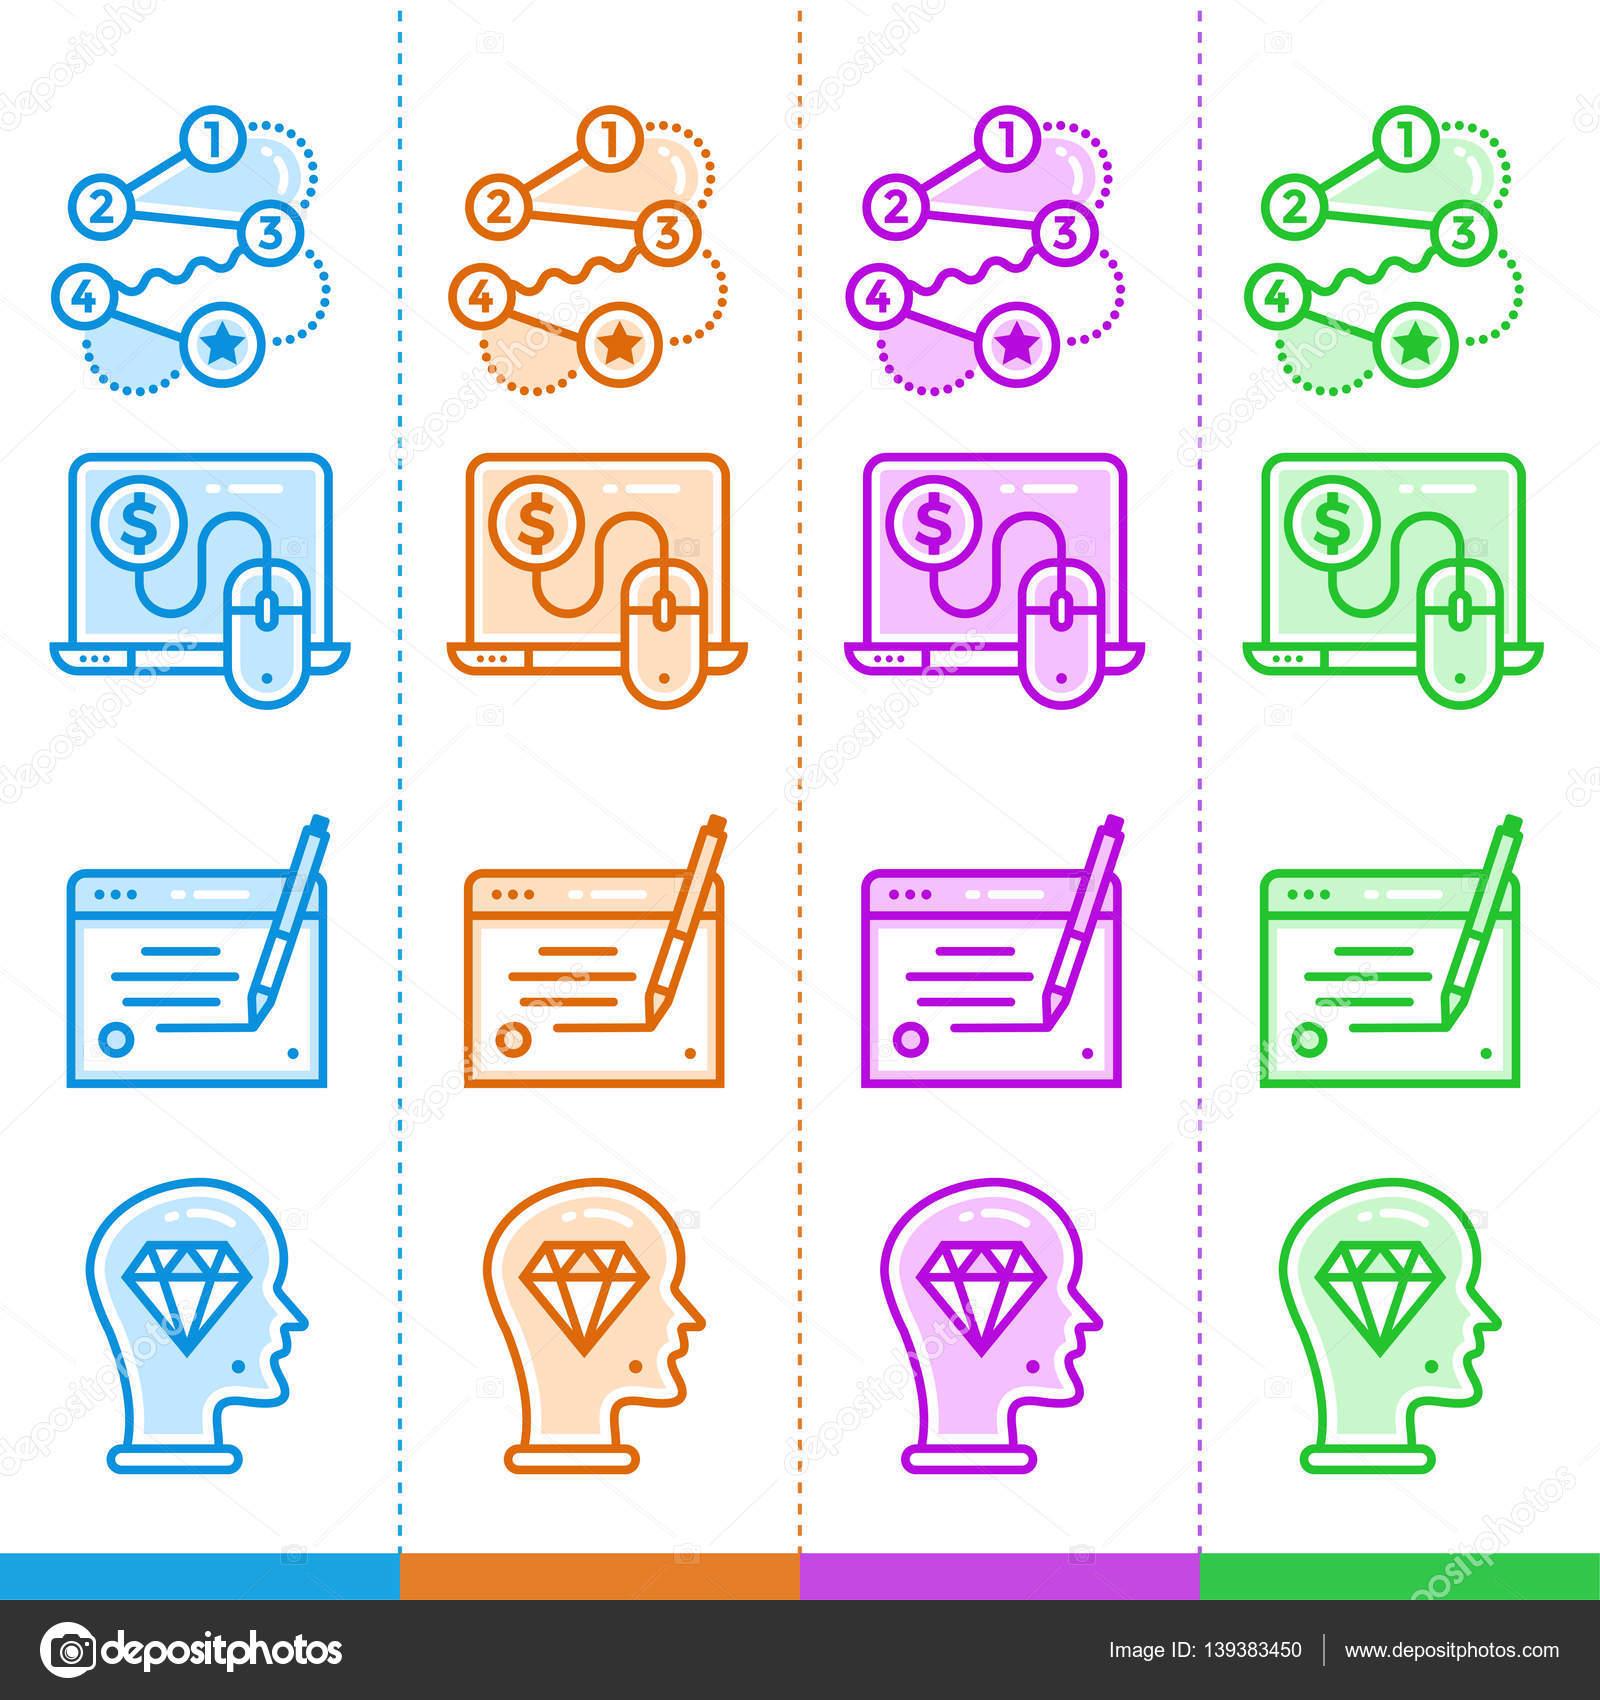 b09998bcdf428 Vector conjunto de iconos lineales para nuevos negocios en diferentes  colores. Conveniente para el sitio